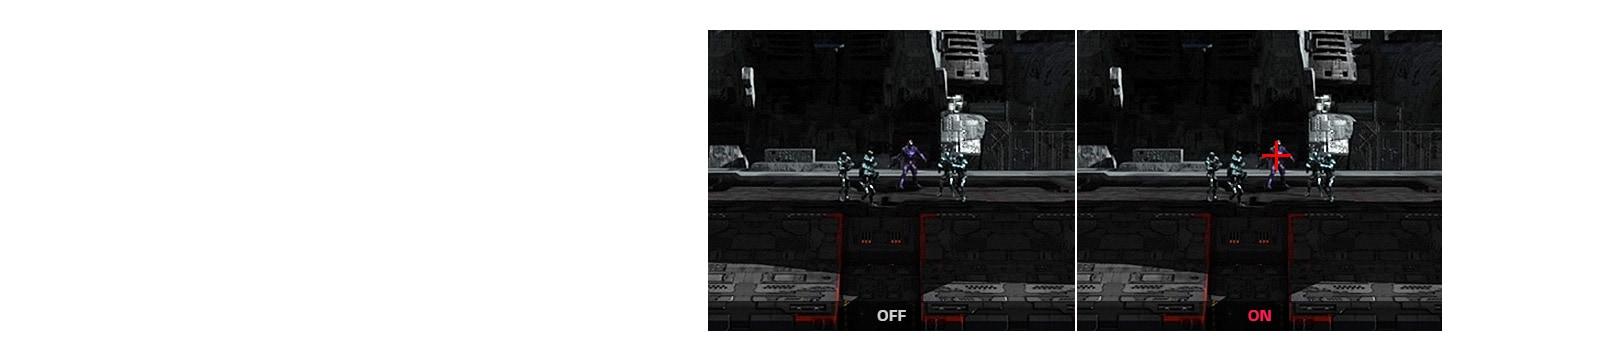 simulacija Crosshair